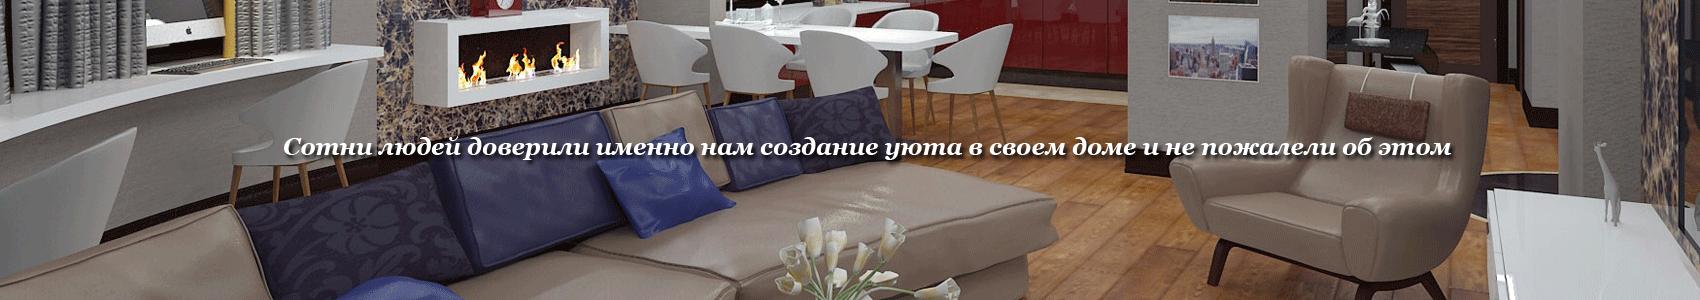 укладка паркета, массивной и инженерной доски в Москве